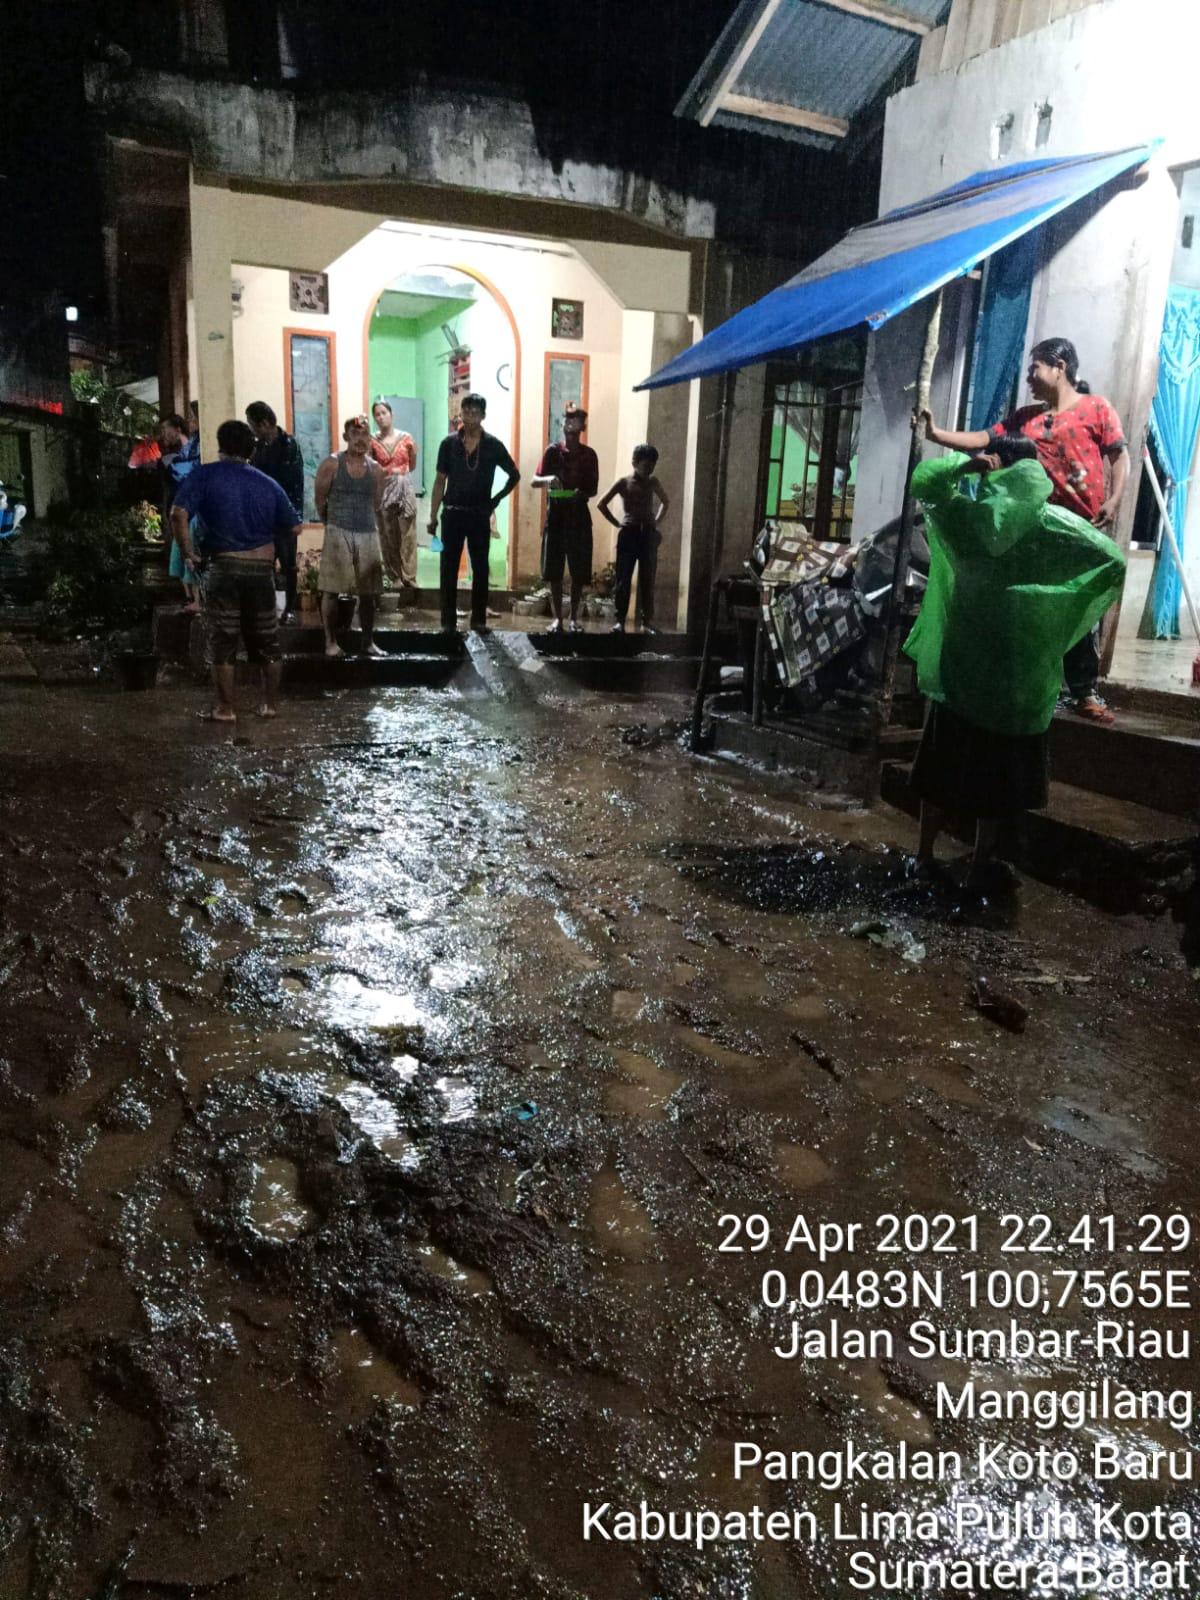 kondisi air saat banjir di Mangginang Kabupaten Limapuluh Kota Pada Kamis (29/4) malam WIB.